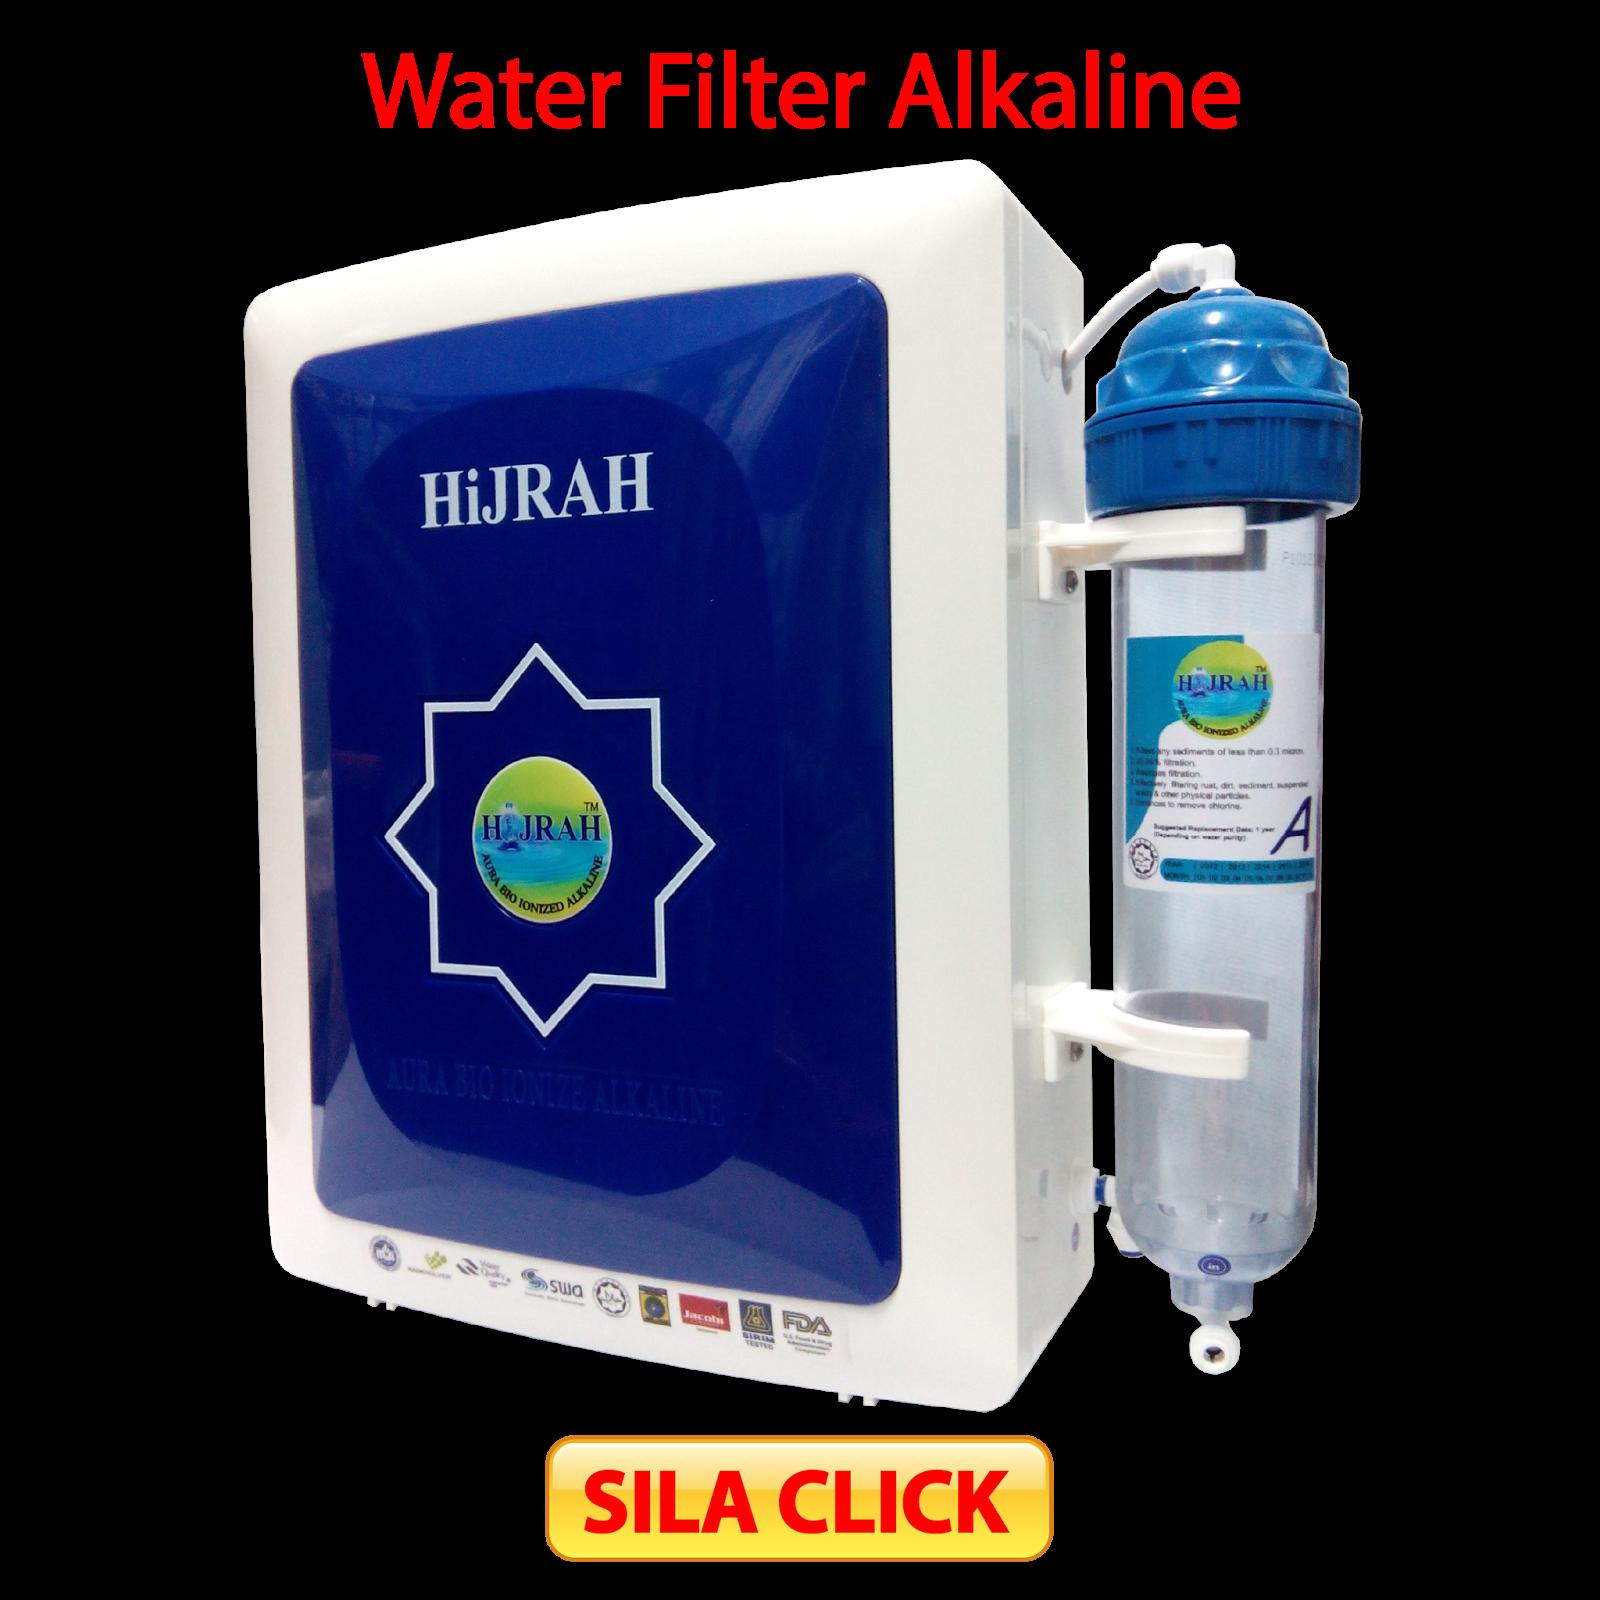 http://produkpenapisairhijrah.blogspot.com/p/hijrah-water-filter-alkaline.html